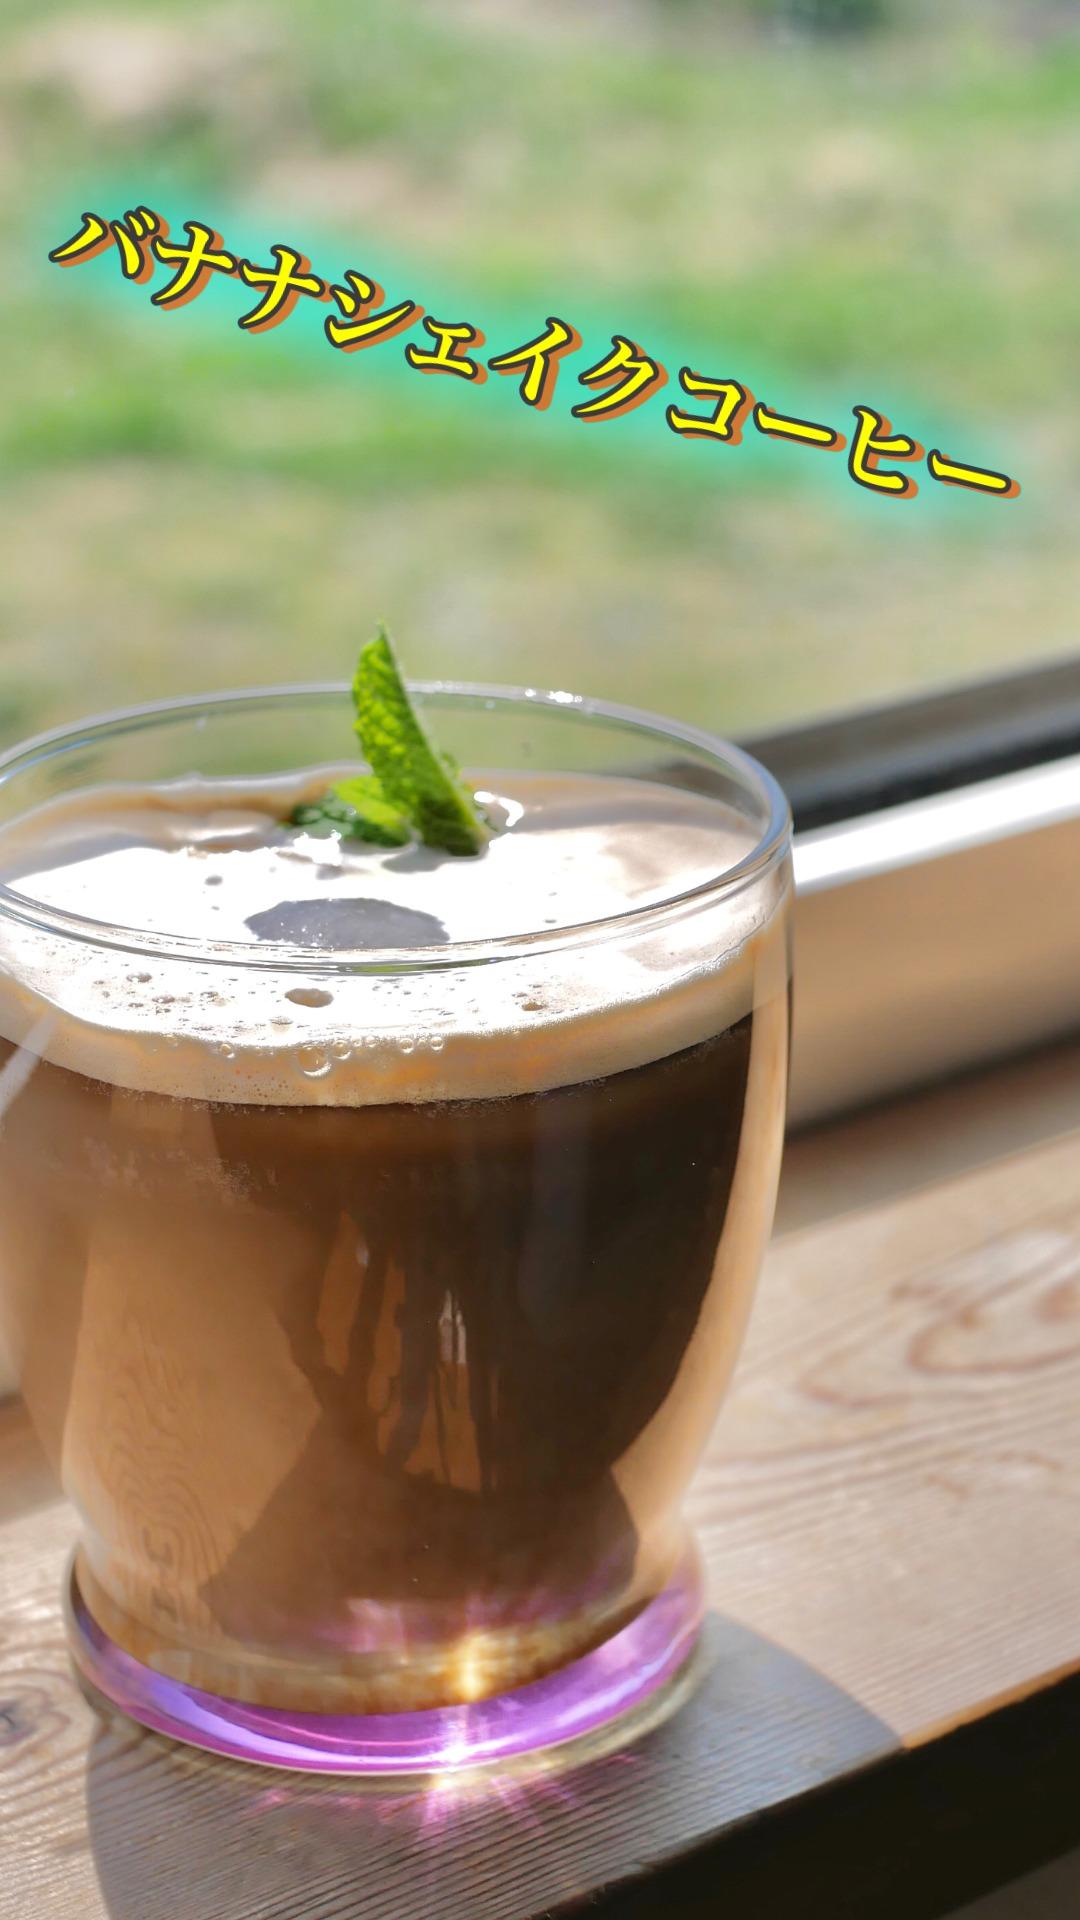 簡単バナナシェイクコーヒー